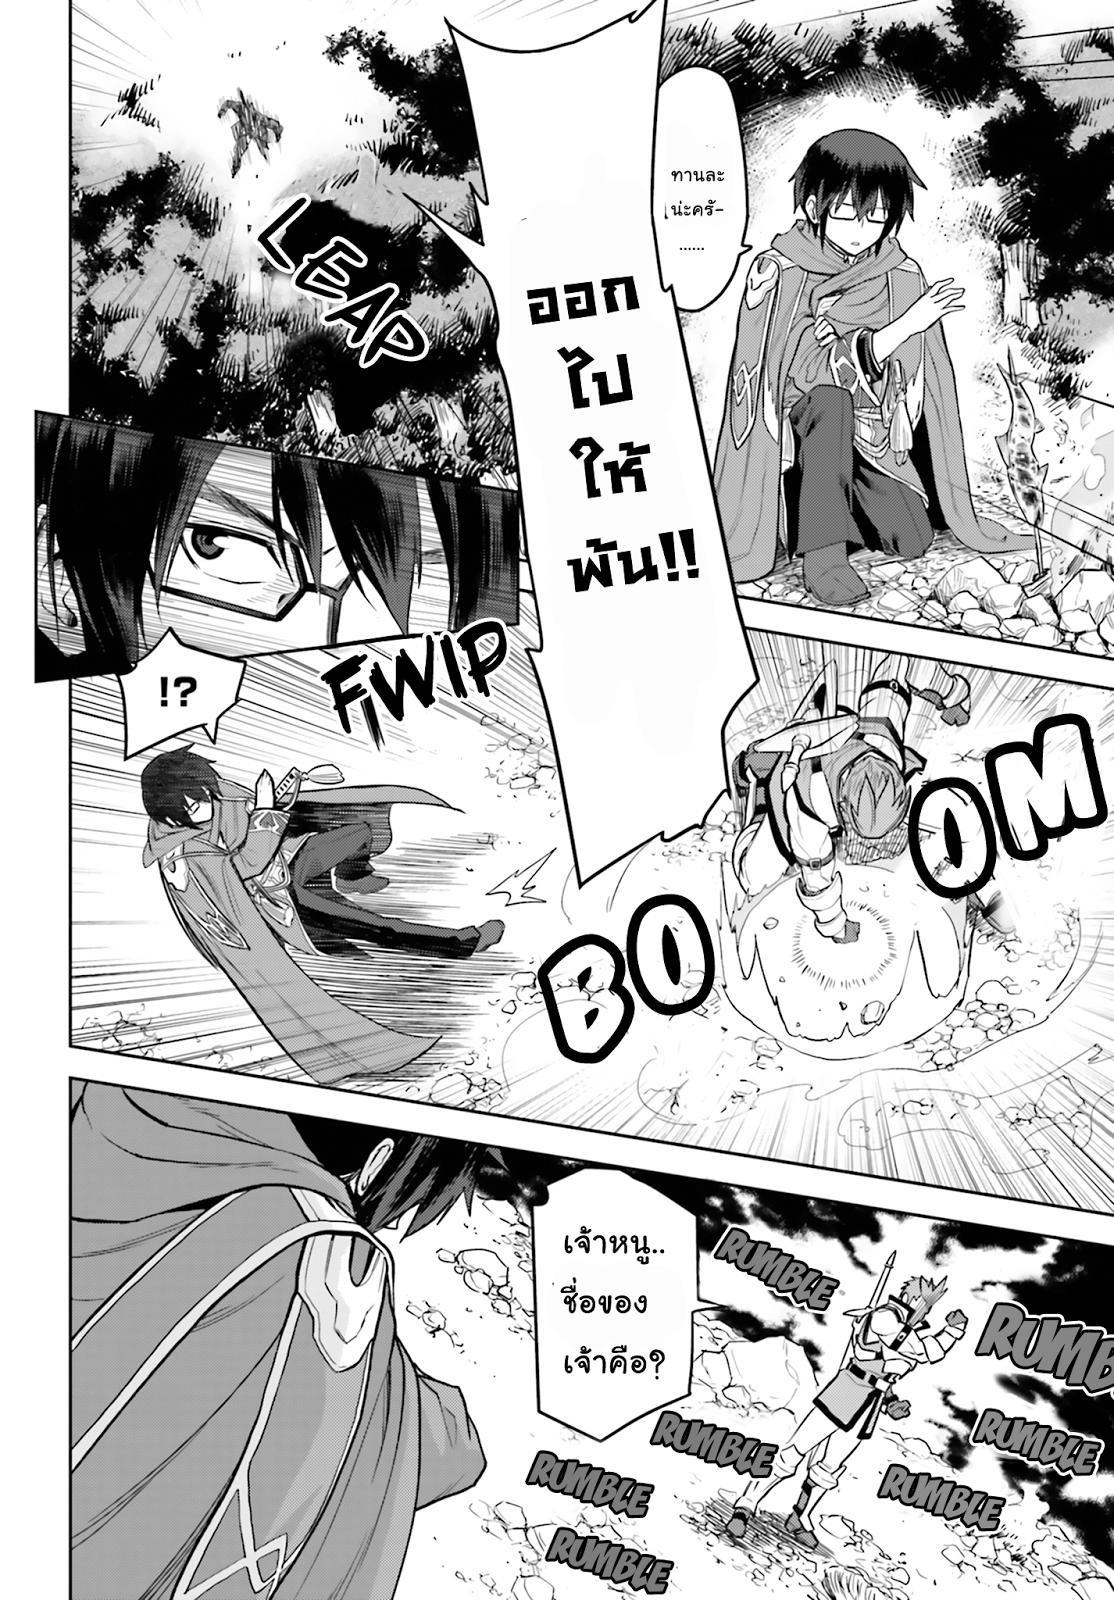 อ่านการ์ตูน Konjiki no Word Master 5 ภาพที่ 8